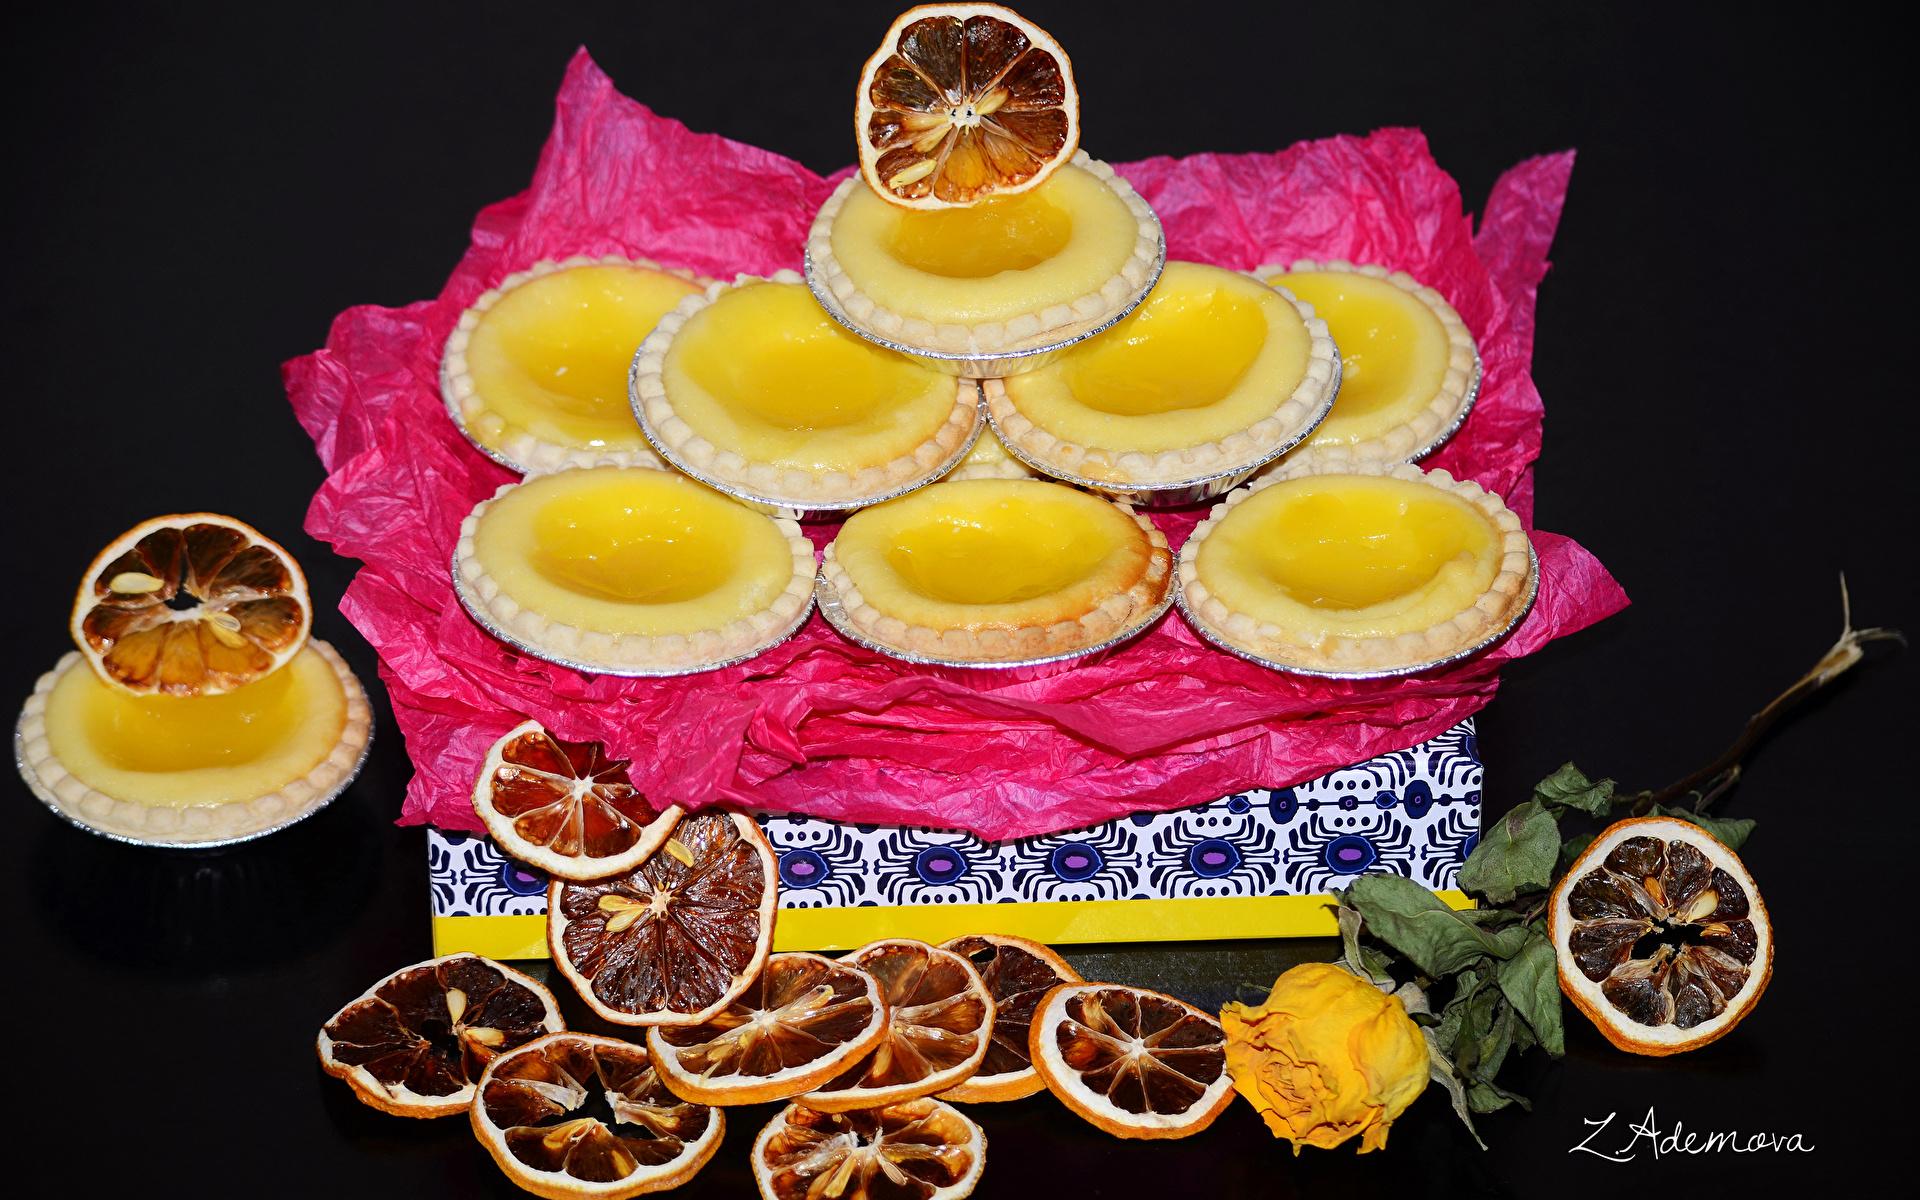 Фотография Лимоны Еда Печенье Выпечка 1920x1200 Пища Продукты питания